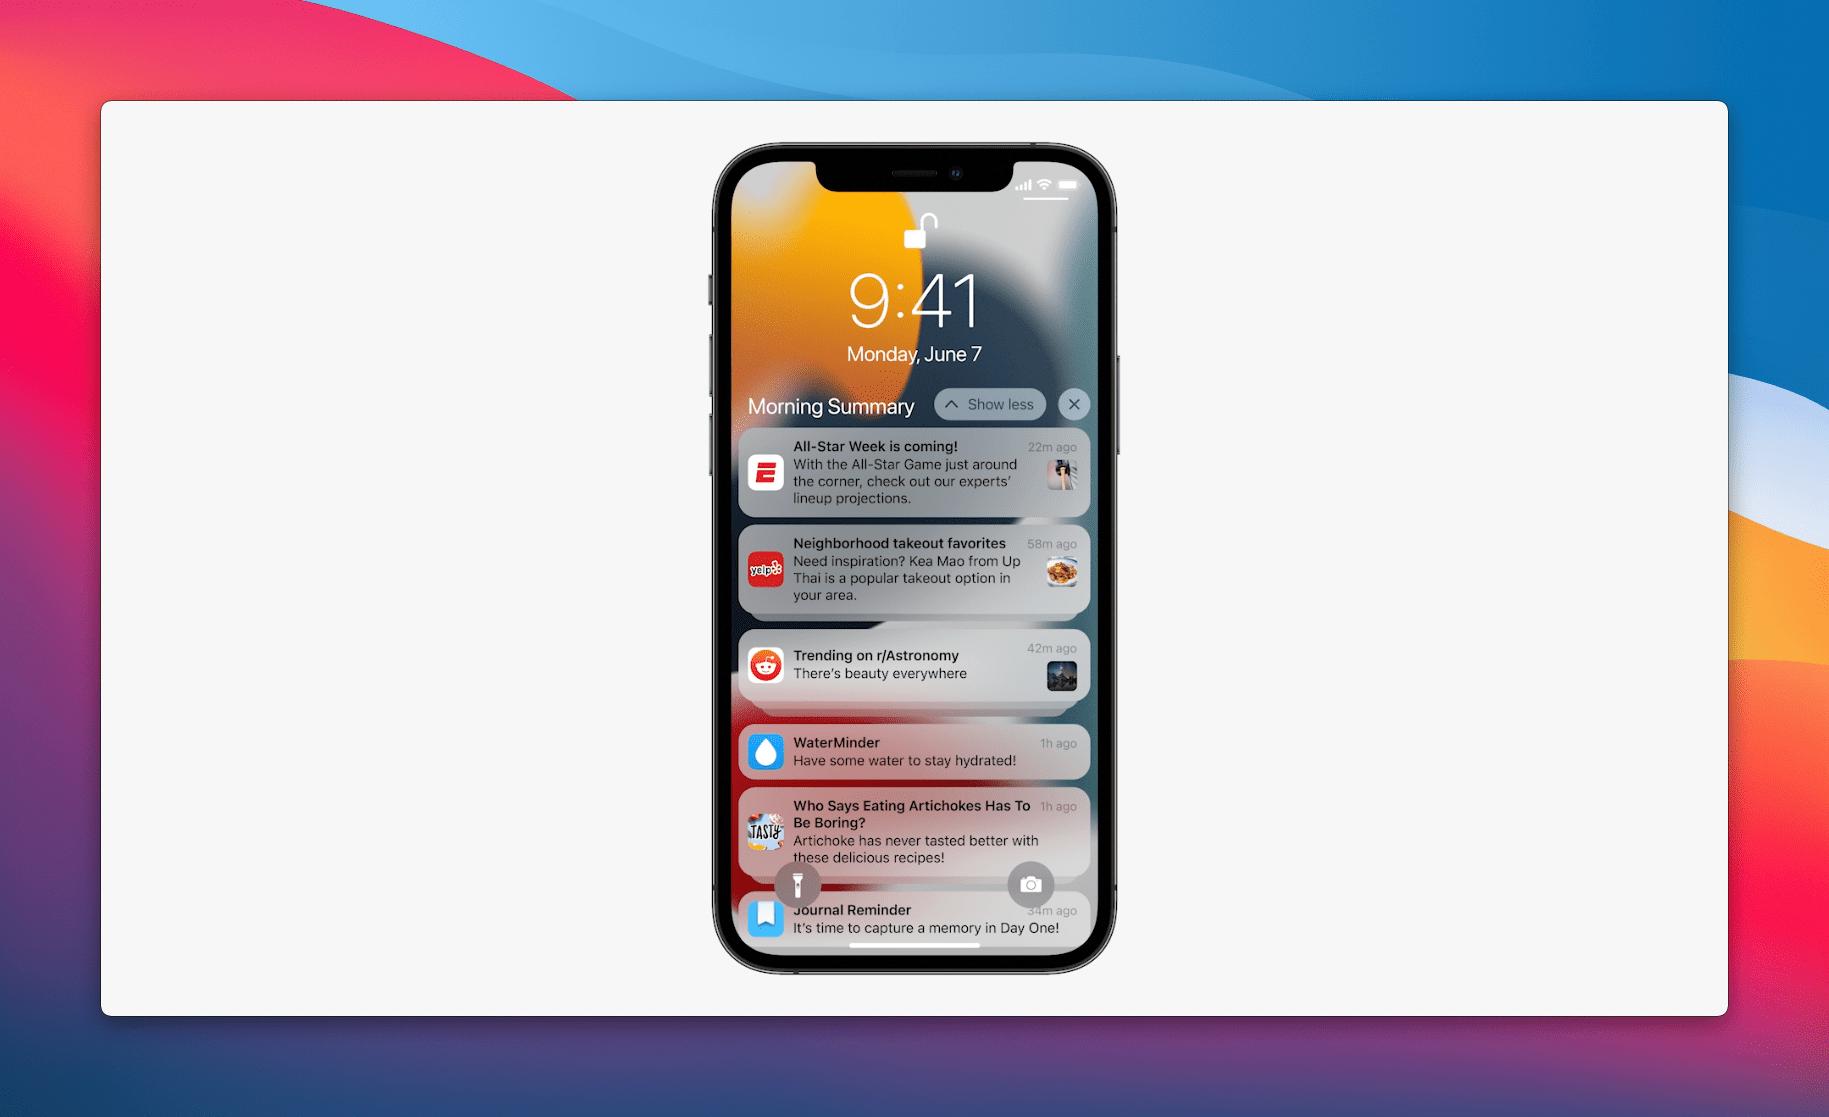 Morning Summary iOS 15